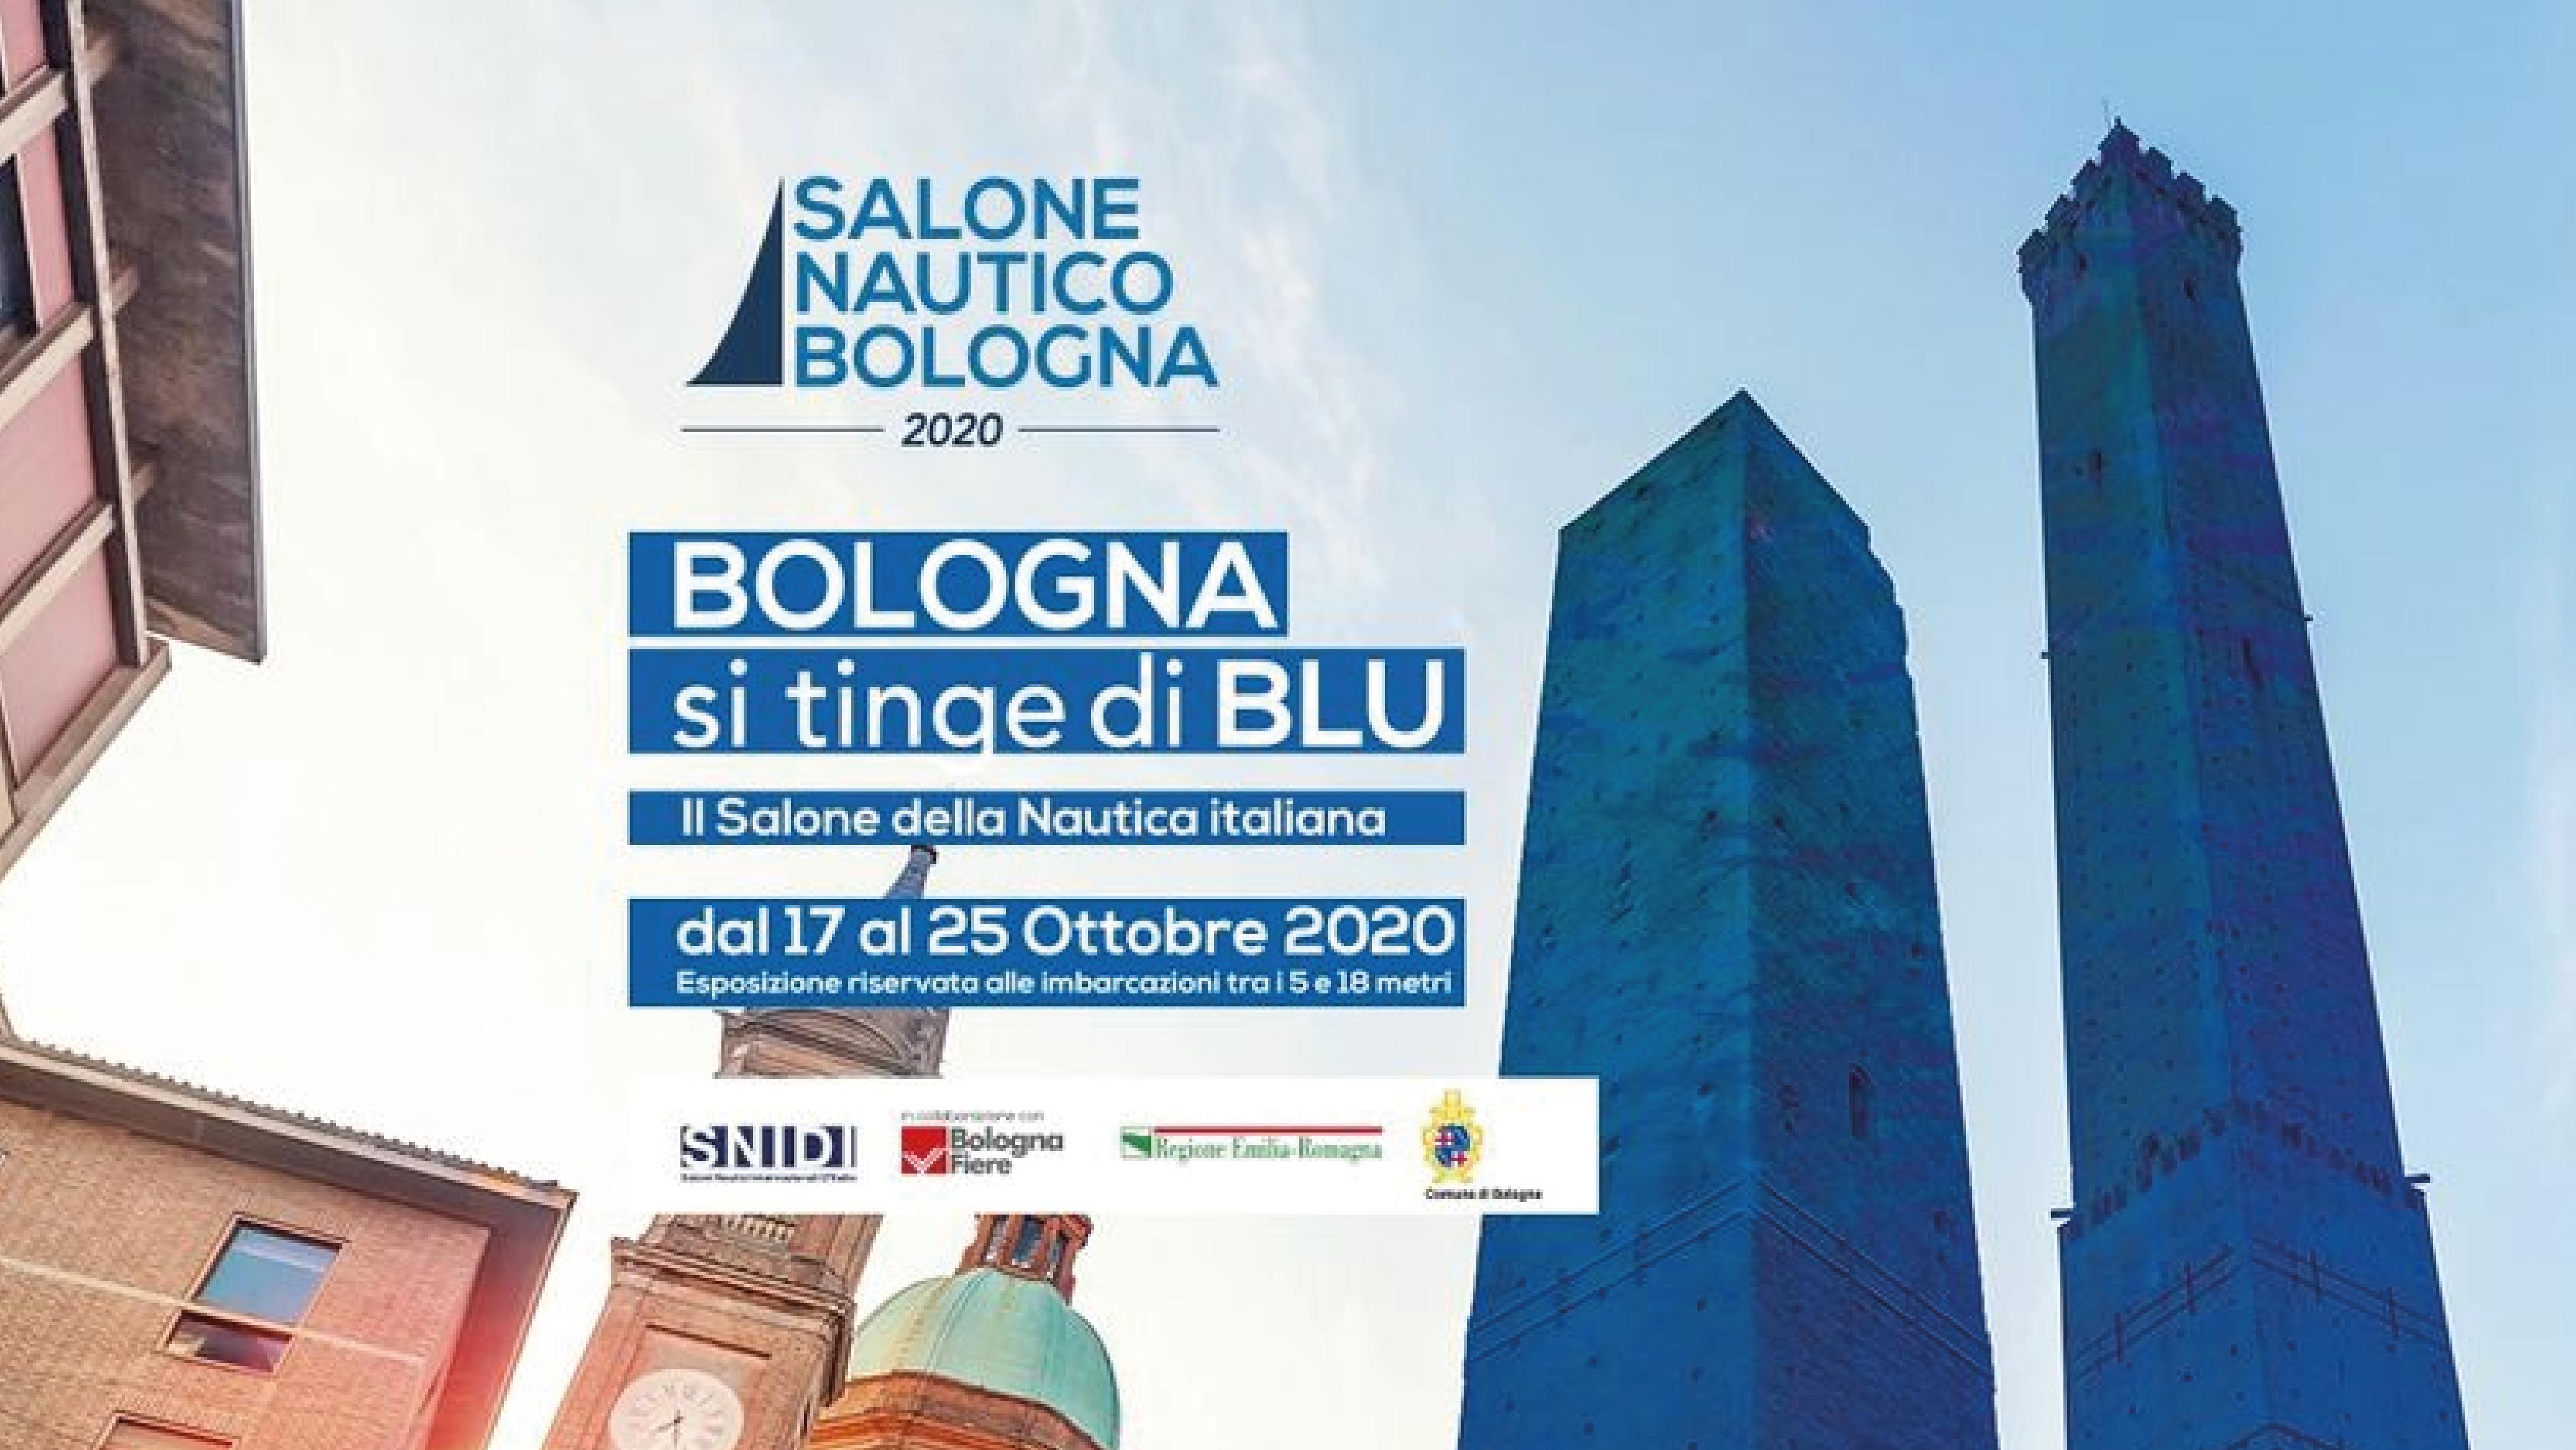 Salerno Nautico di Bologna